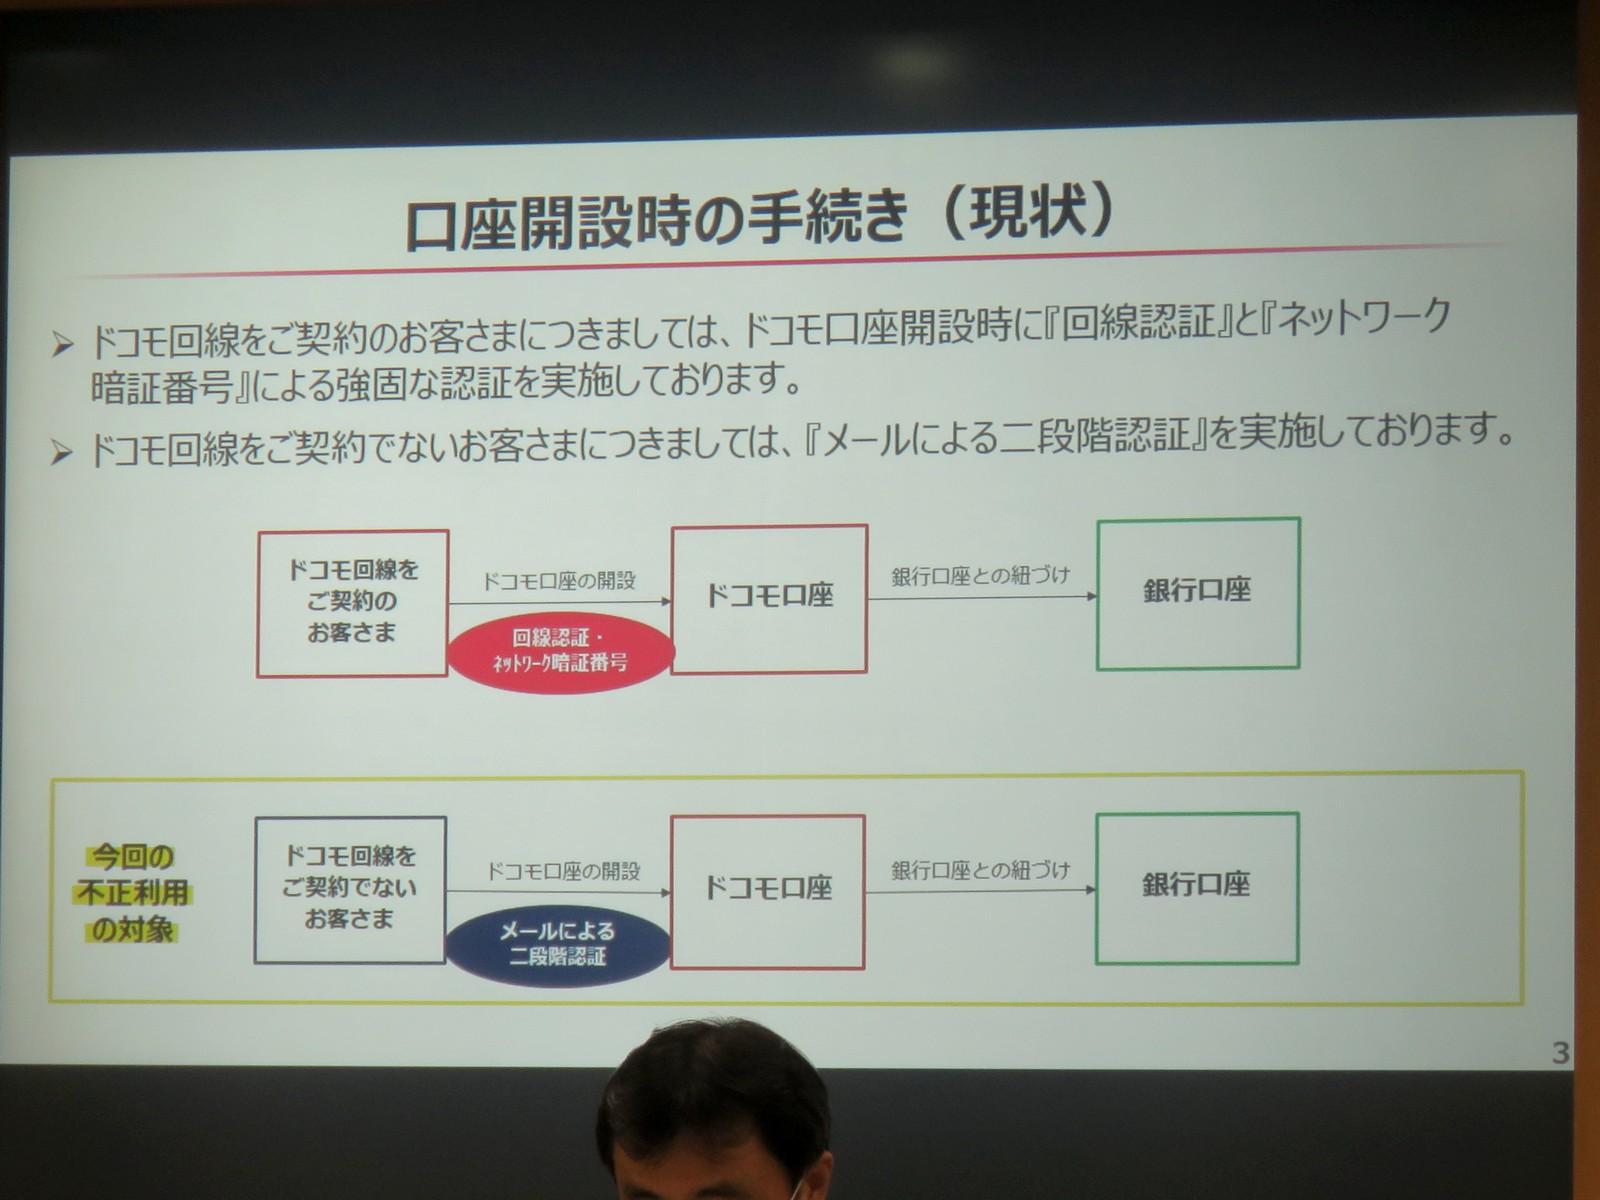 NTTドコモと契約しなくてもdアカウントが作成できるようになったが、回線契約者と比べると本人確認が甘く、ドコモ口座が作成できてしまったのが問題の一因と分析